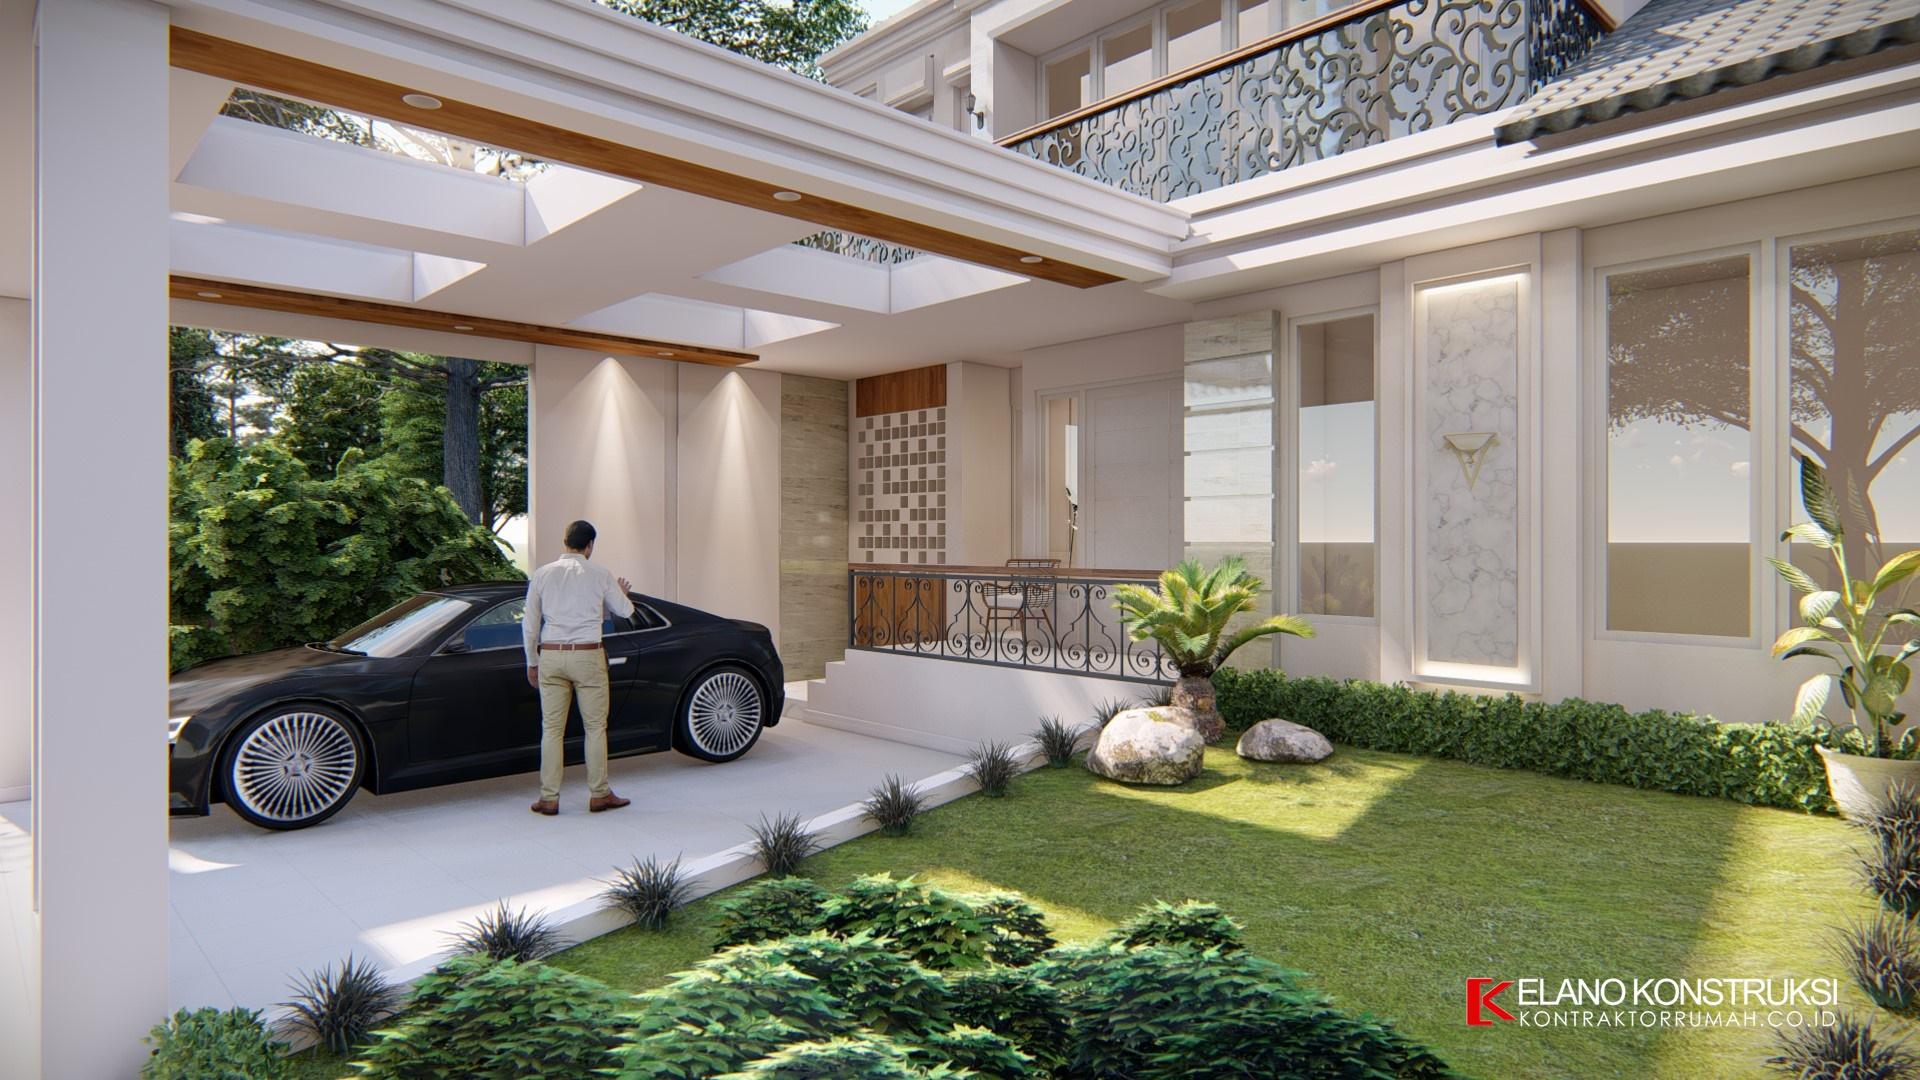 Desain Rumah Klasik 2